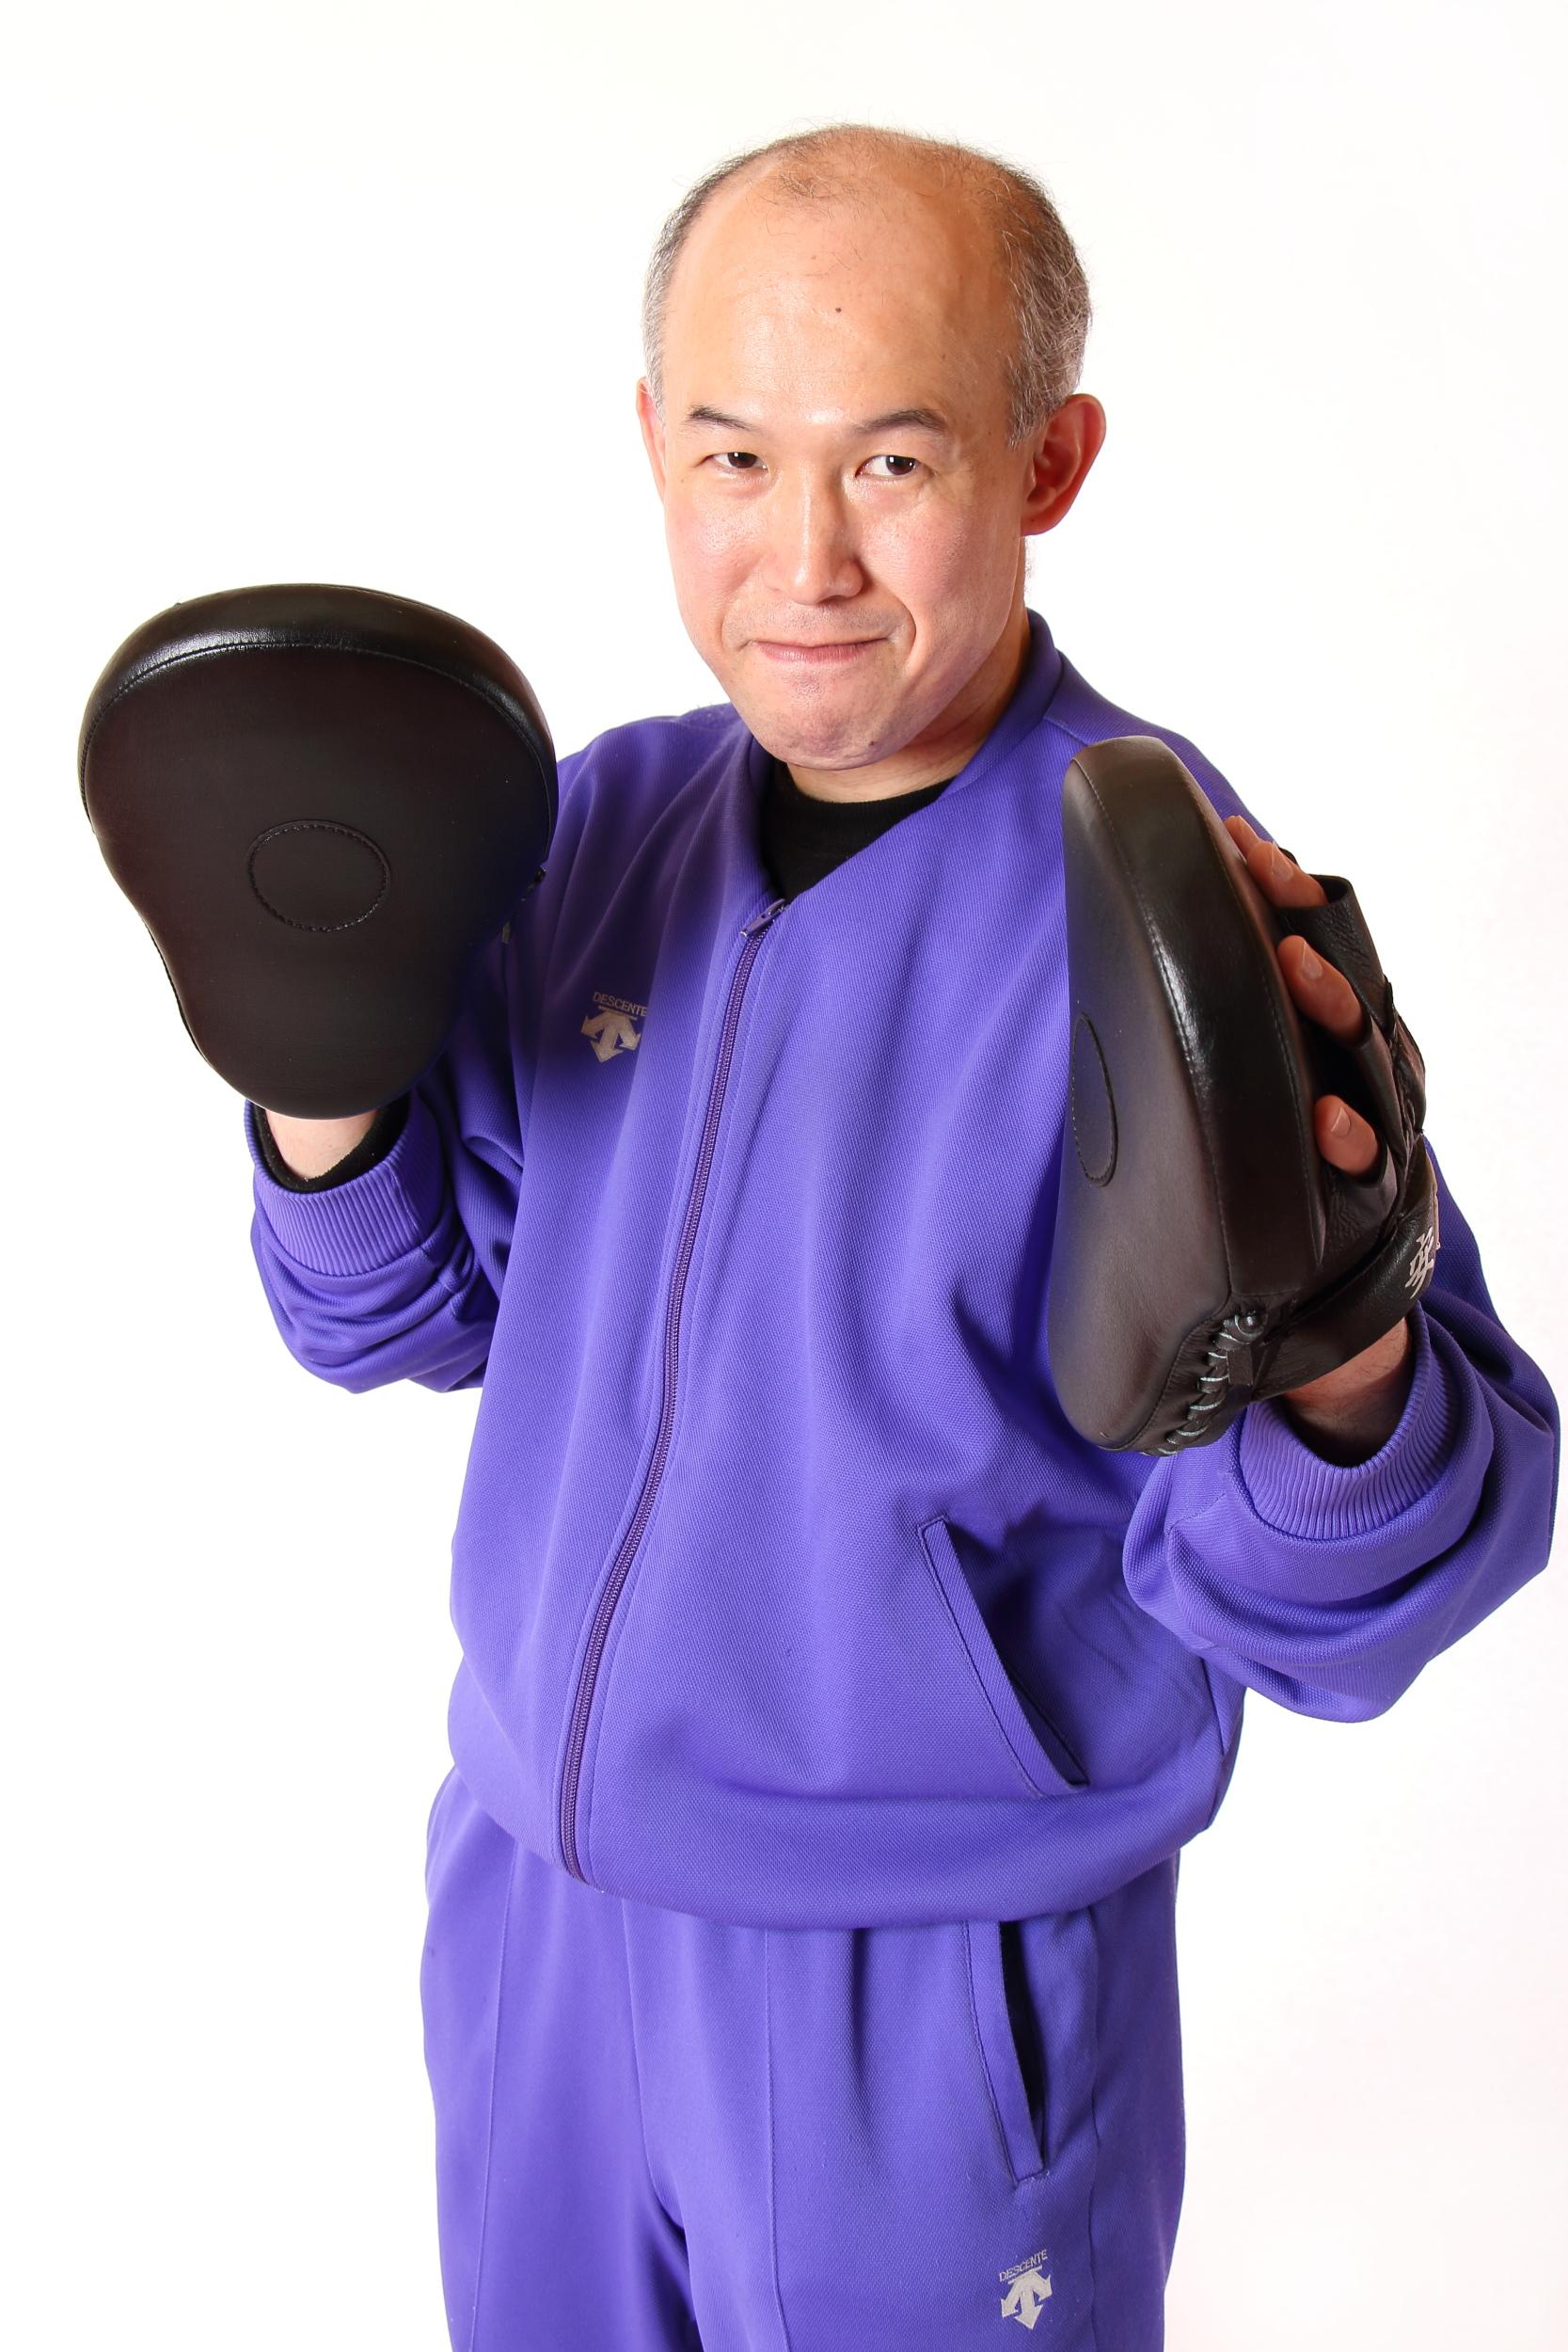 安藤 有輝トレーナー